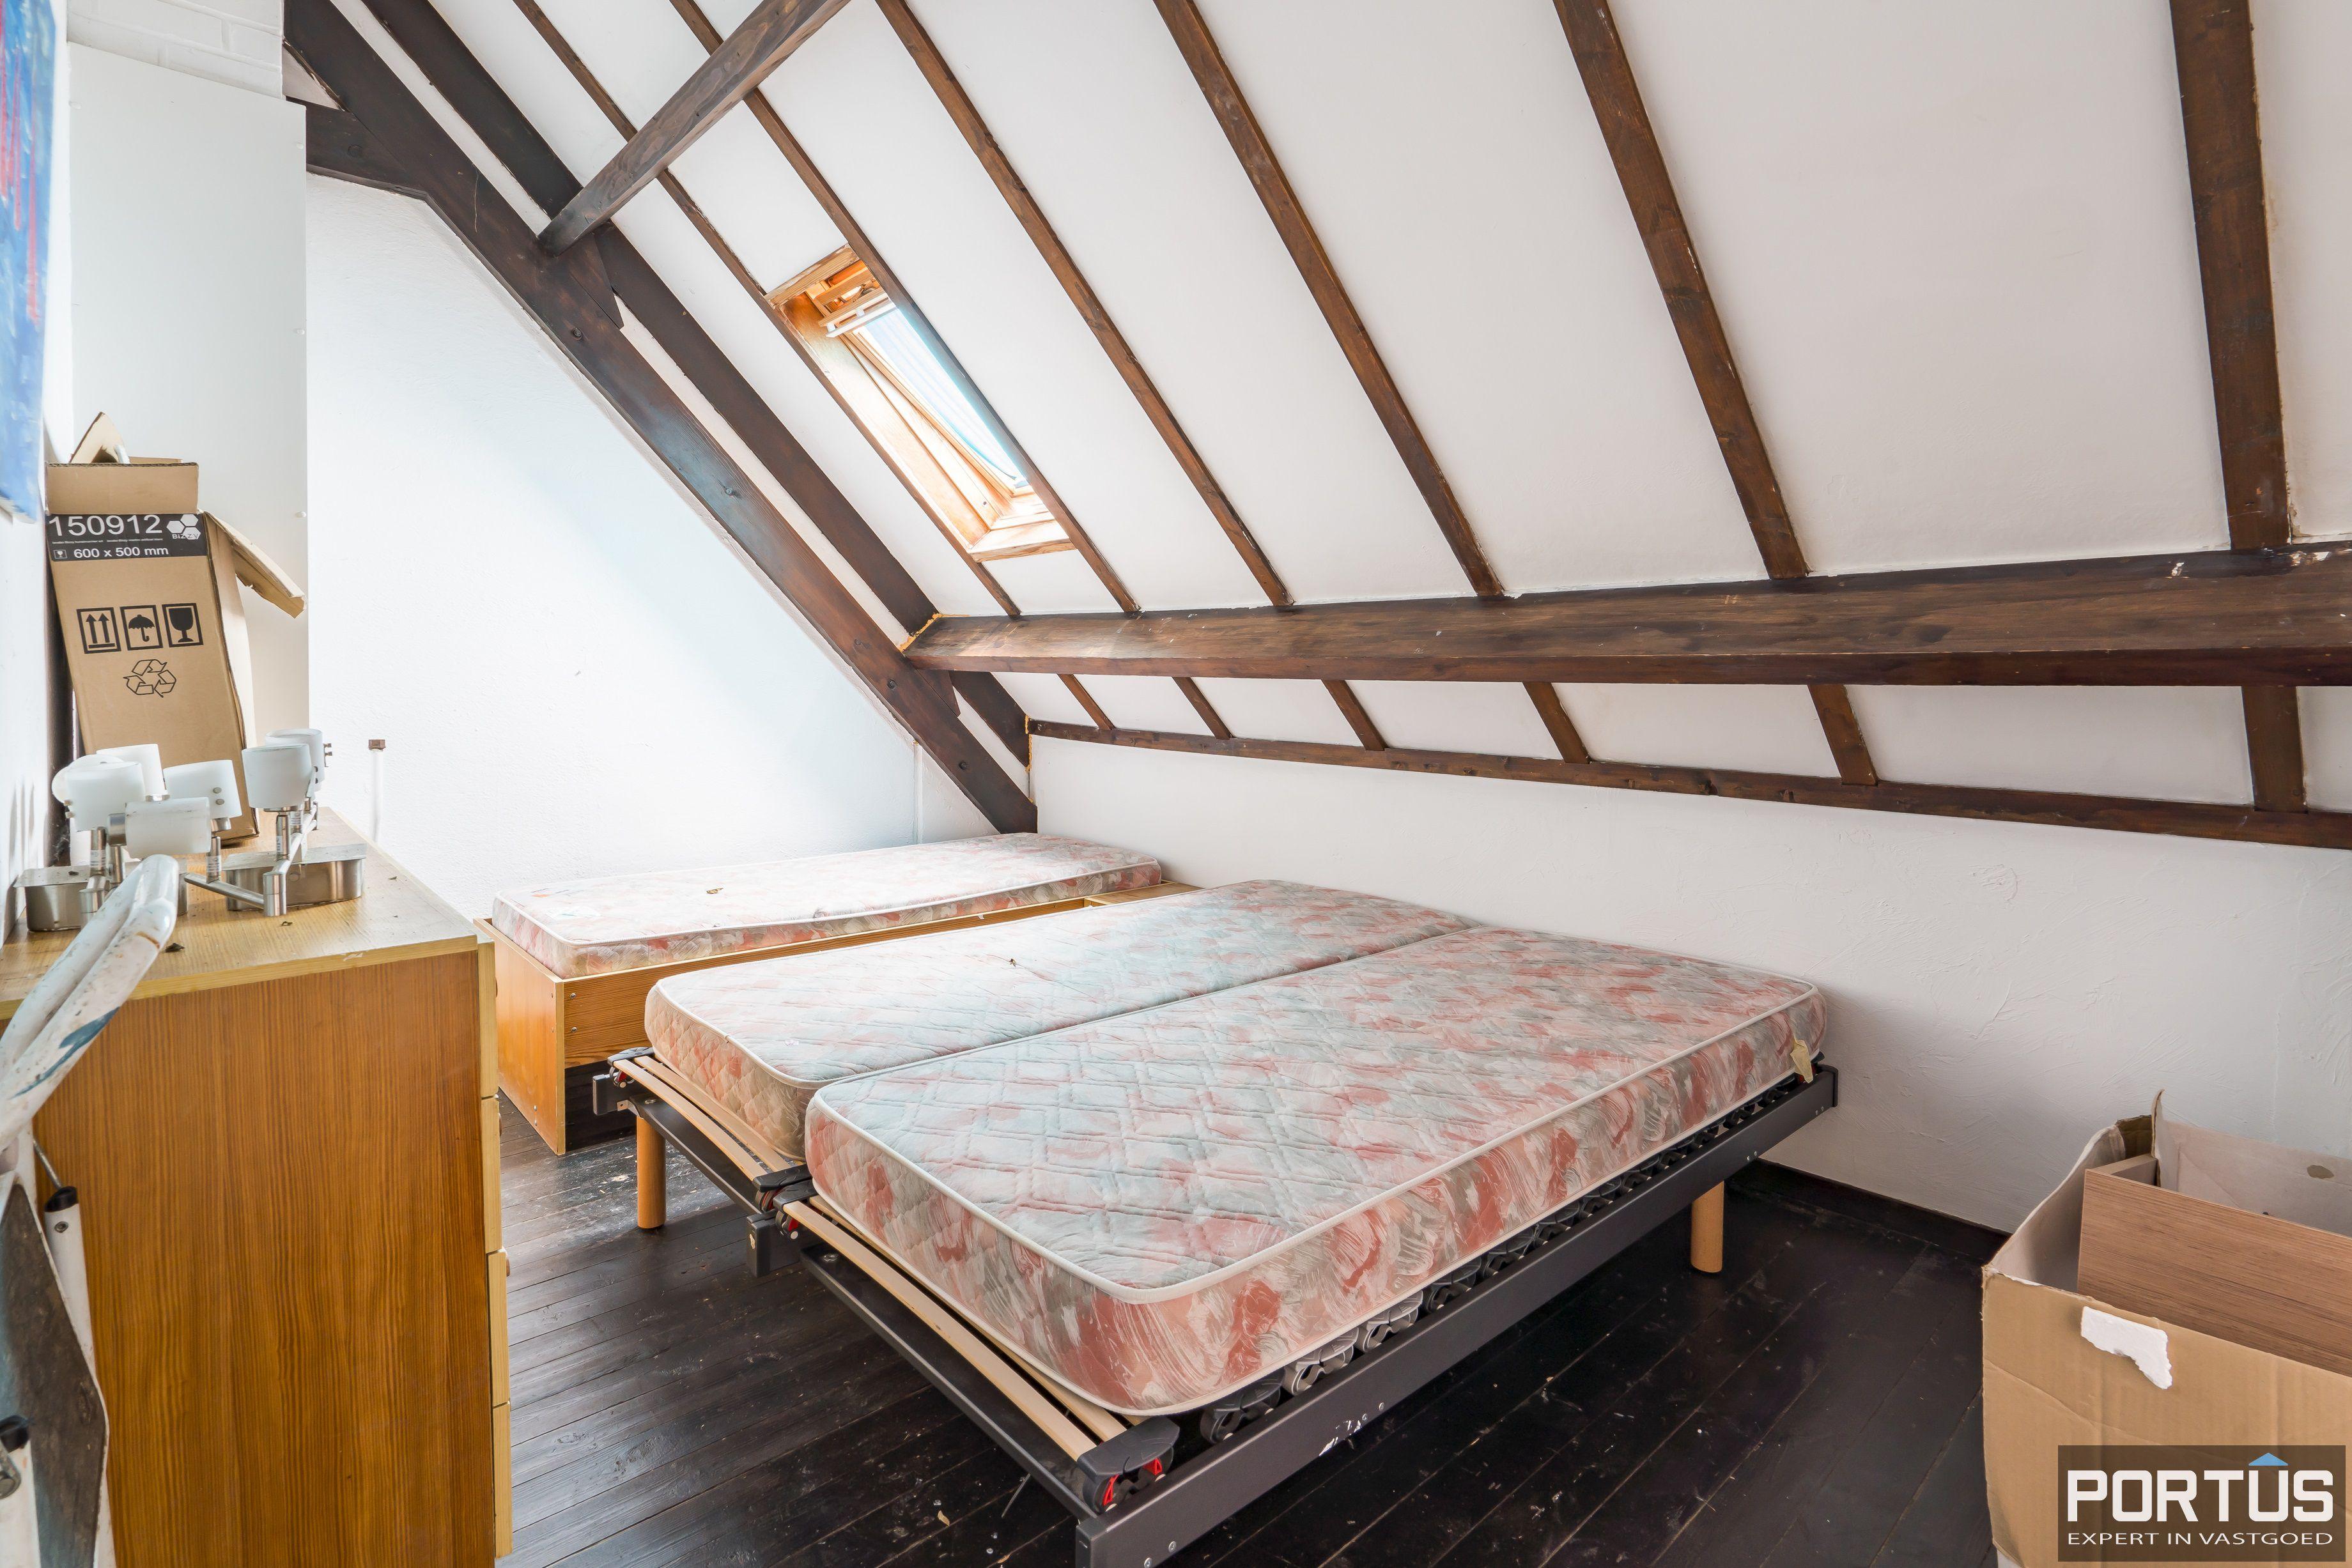 Woning te koop met 4 slaapkamers en parking - 11712